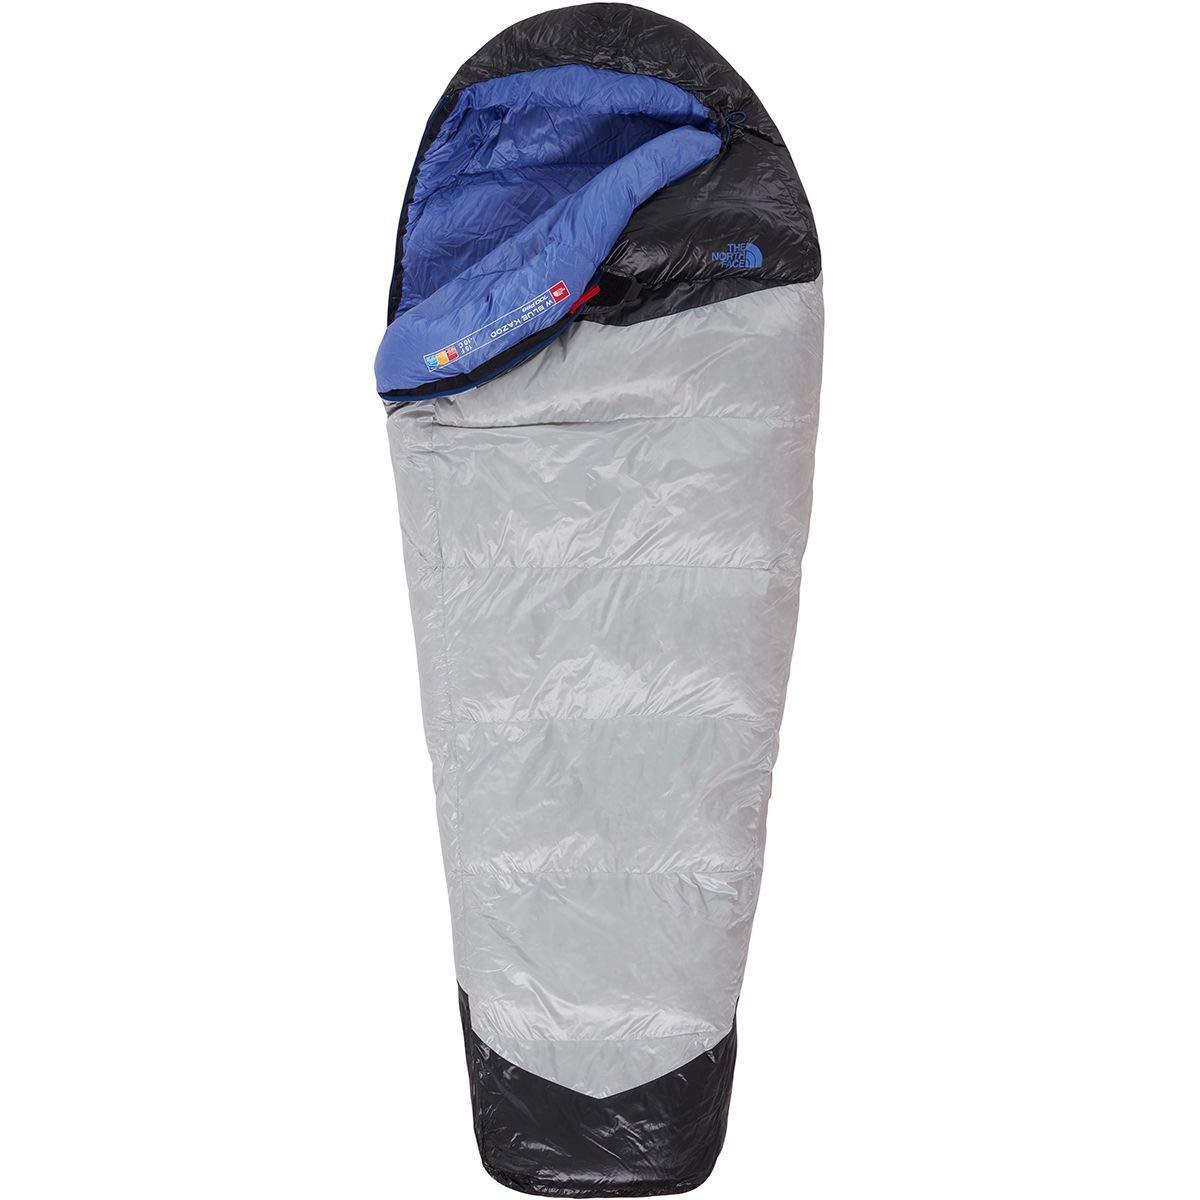 The North Face Kazoo Saco de Dormir, Mujer, High RSE Gry/Stellar Blue, Long: Amazon.es: Deportes y aire libre